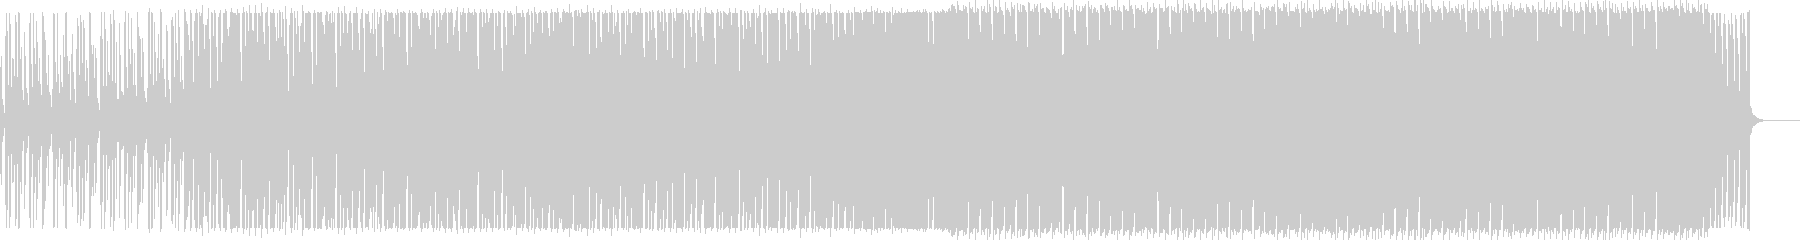 メロディアスなシンセフレーズのハウス曲の未再生の波形